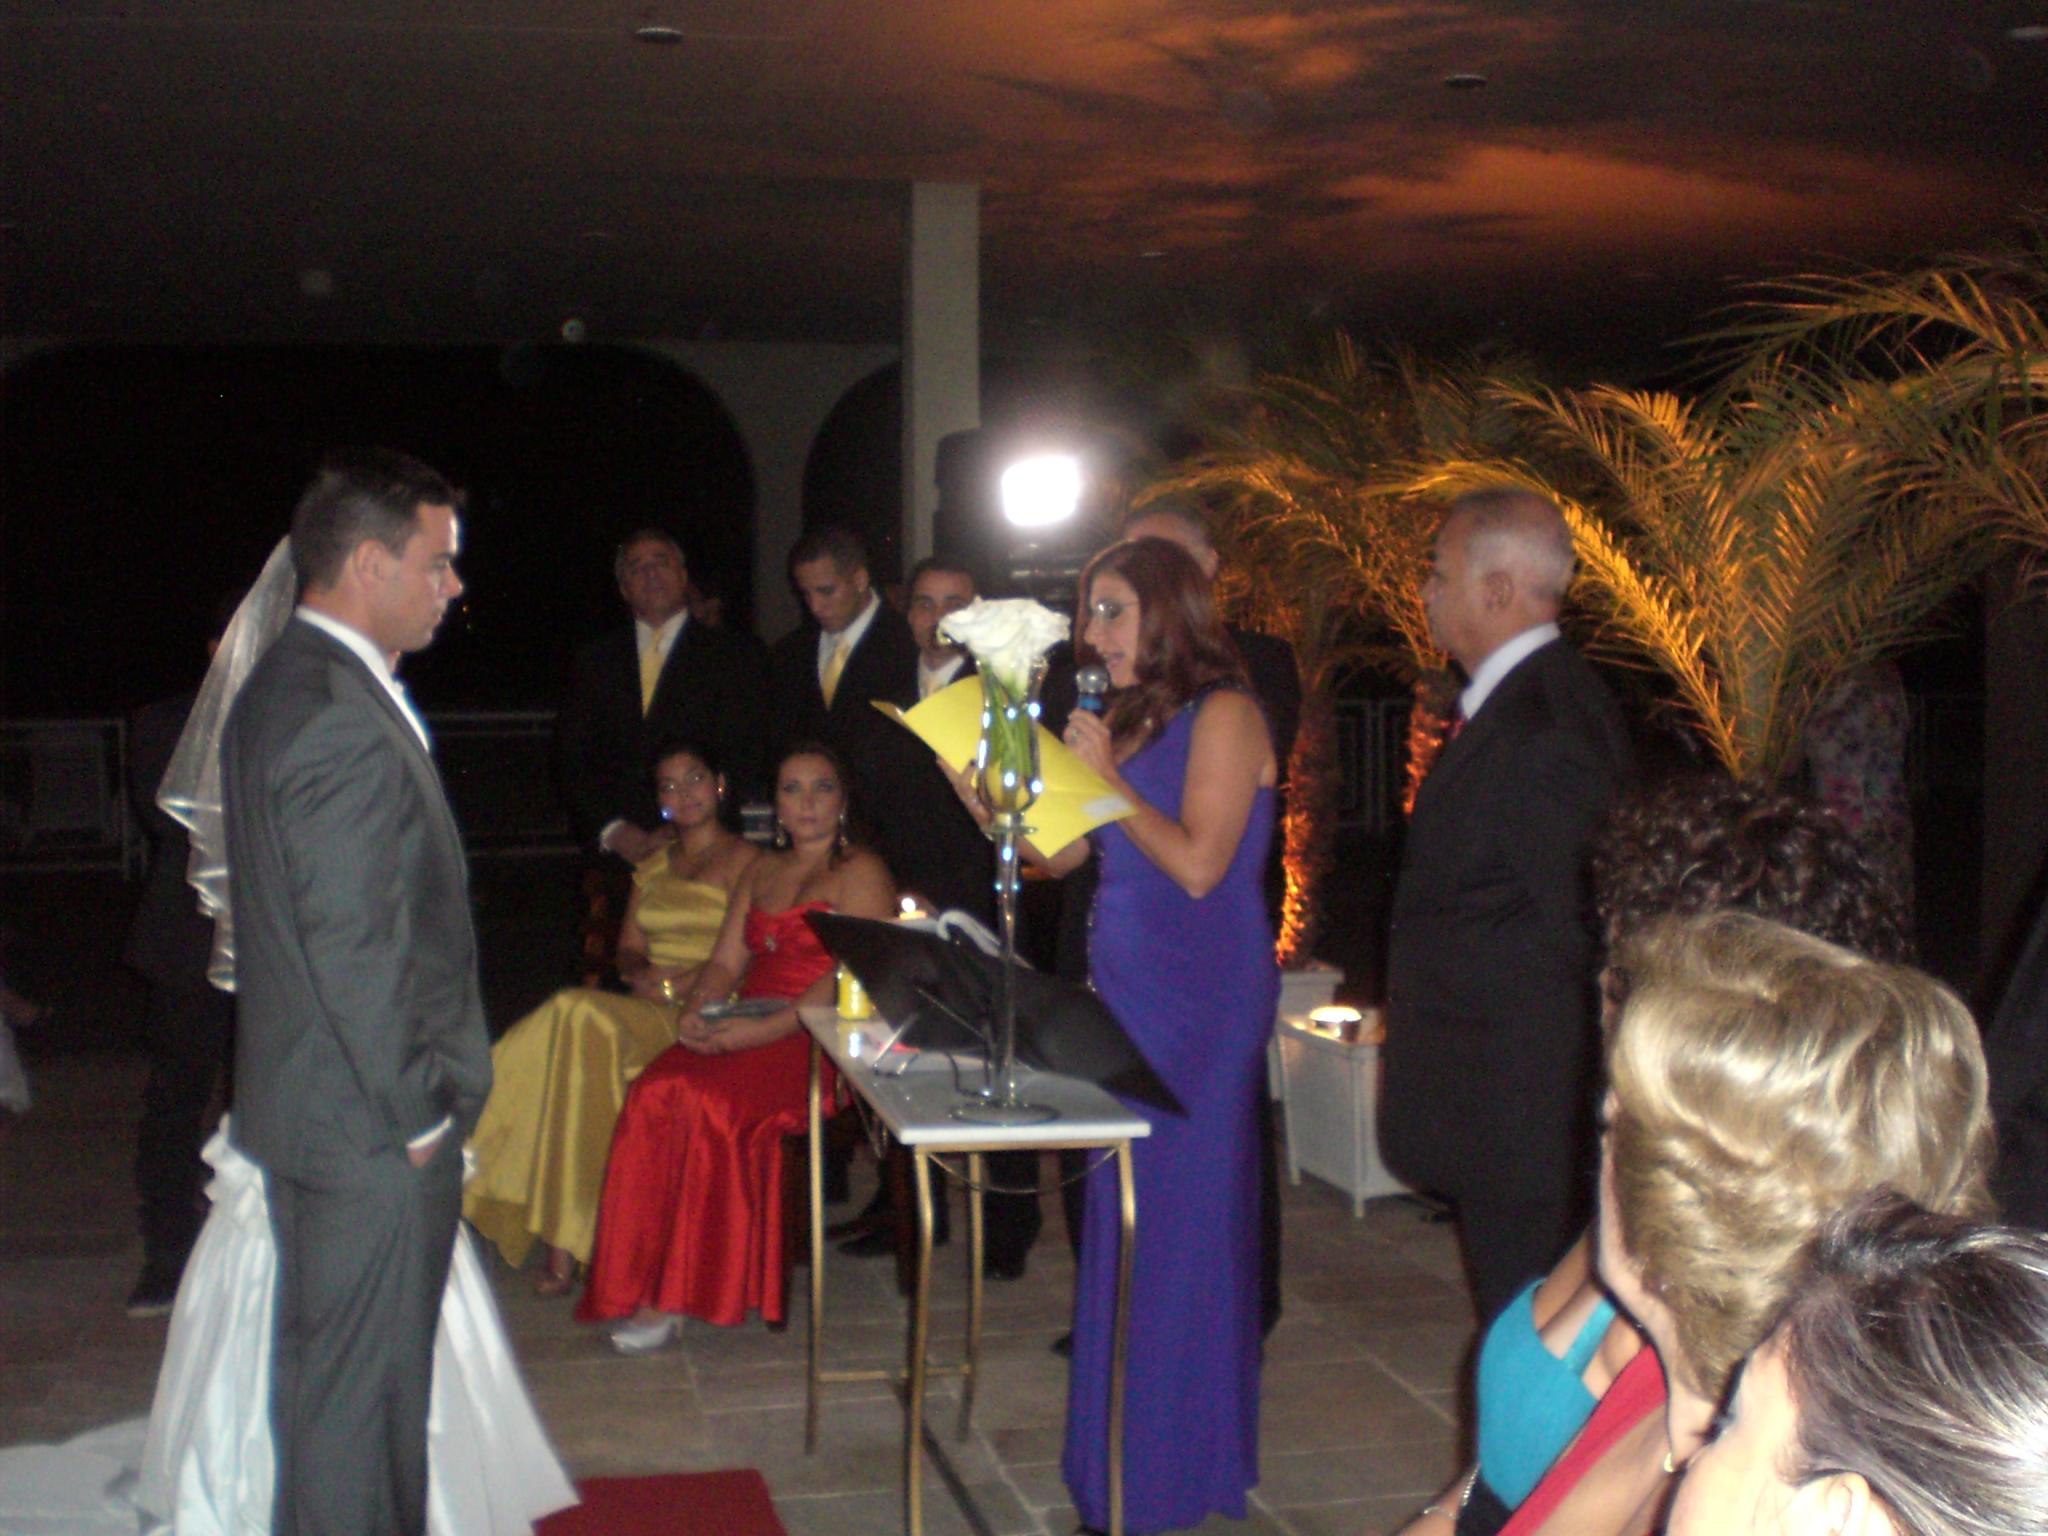 Momento da leitura de um texto durante a cerimônia por uma das madrinhas